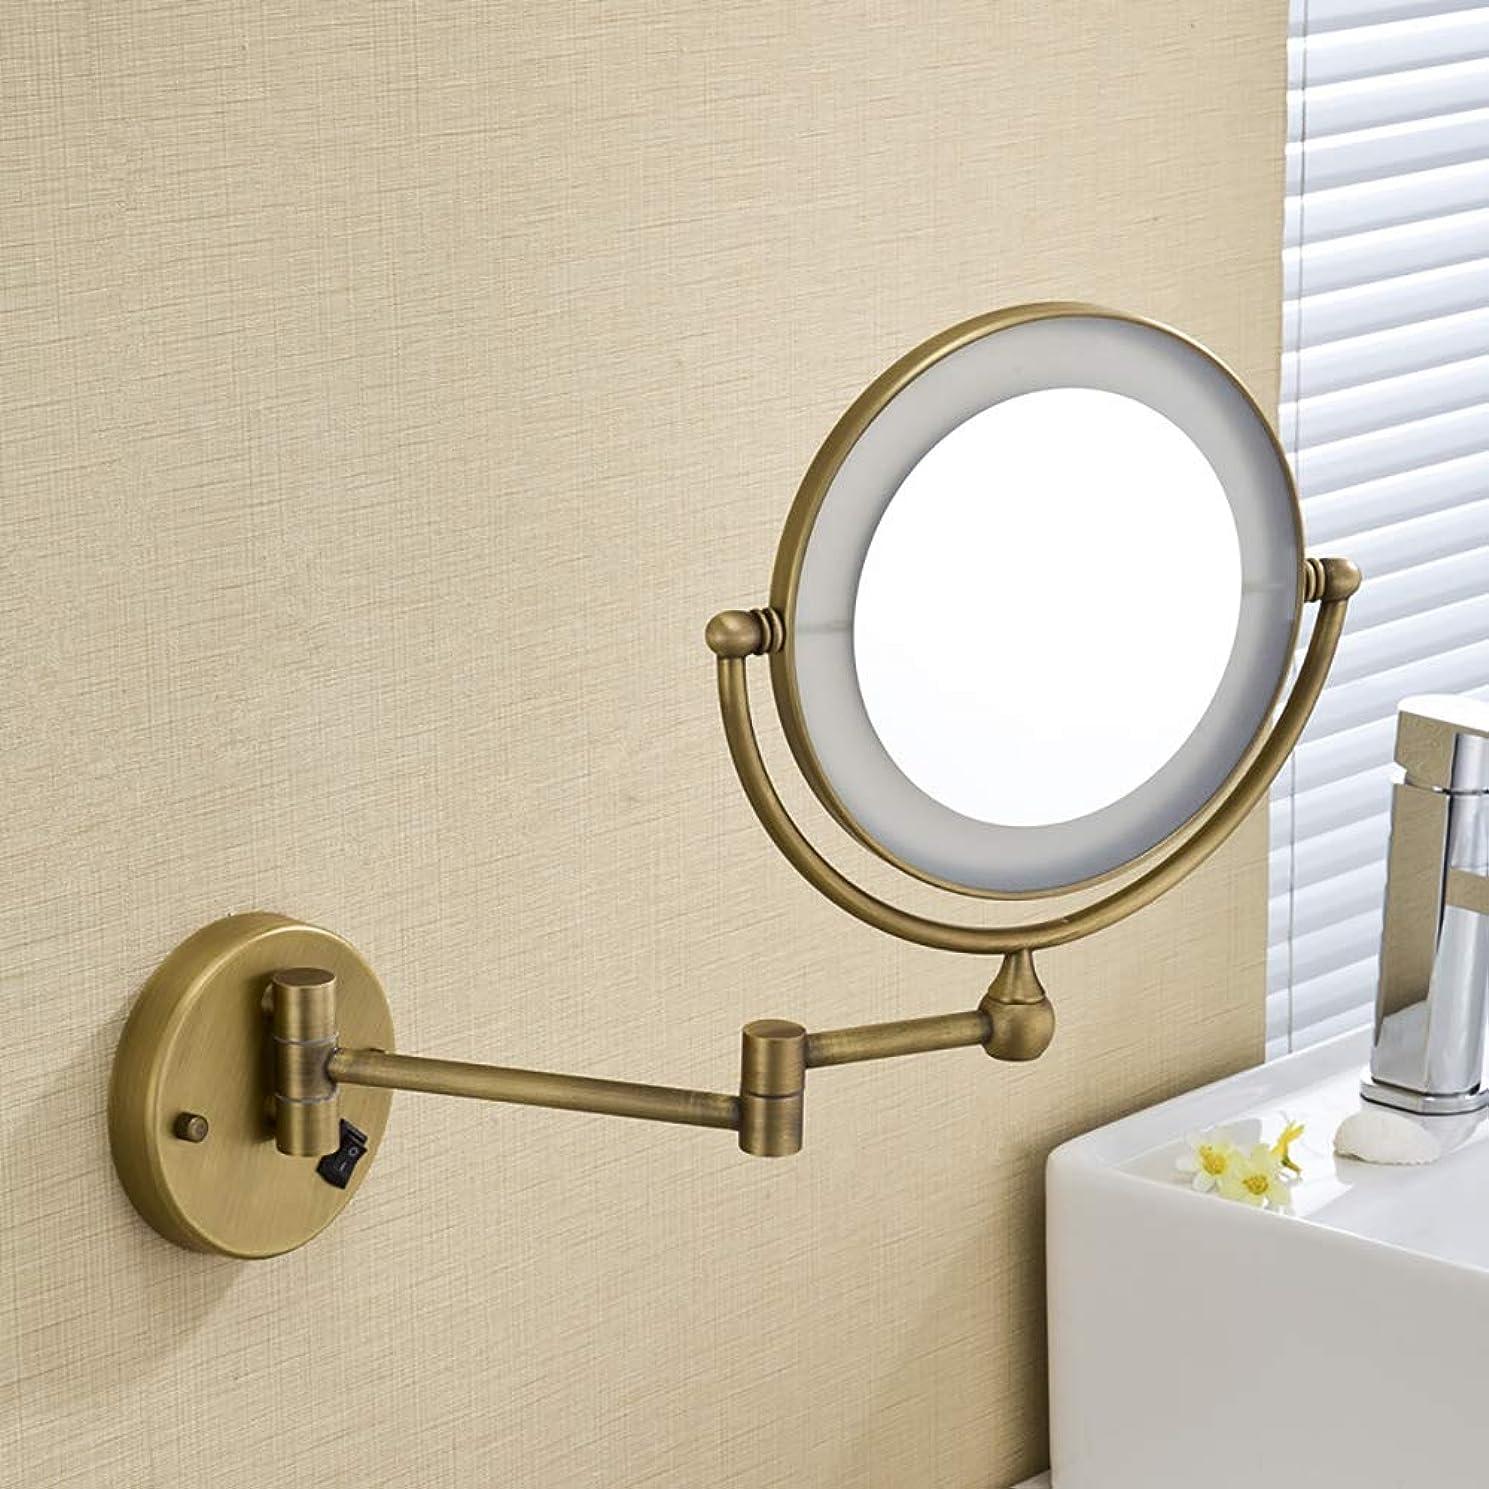 一口歩き回る。8インチウォールライト3倍拡大鏡ダブルが搭載されたメイクアップミラーは浴室360度回転するために拡張可能なミラーの両面